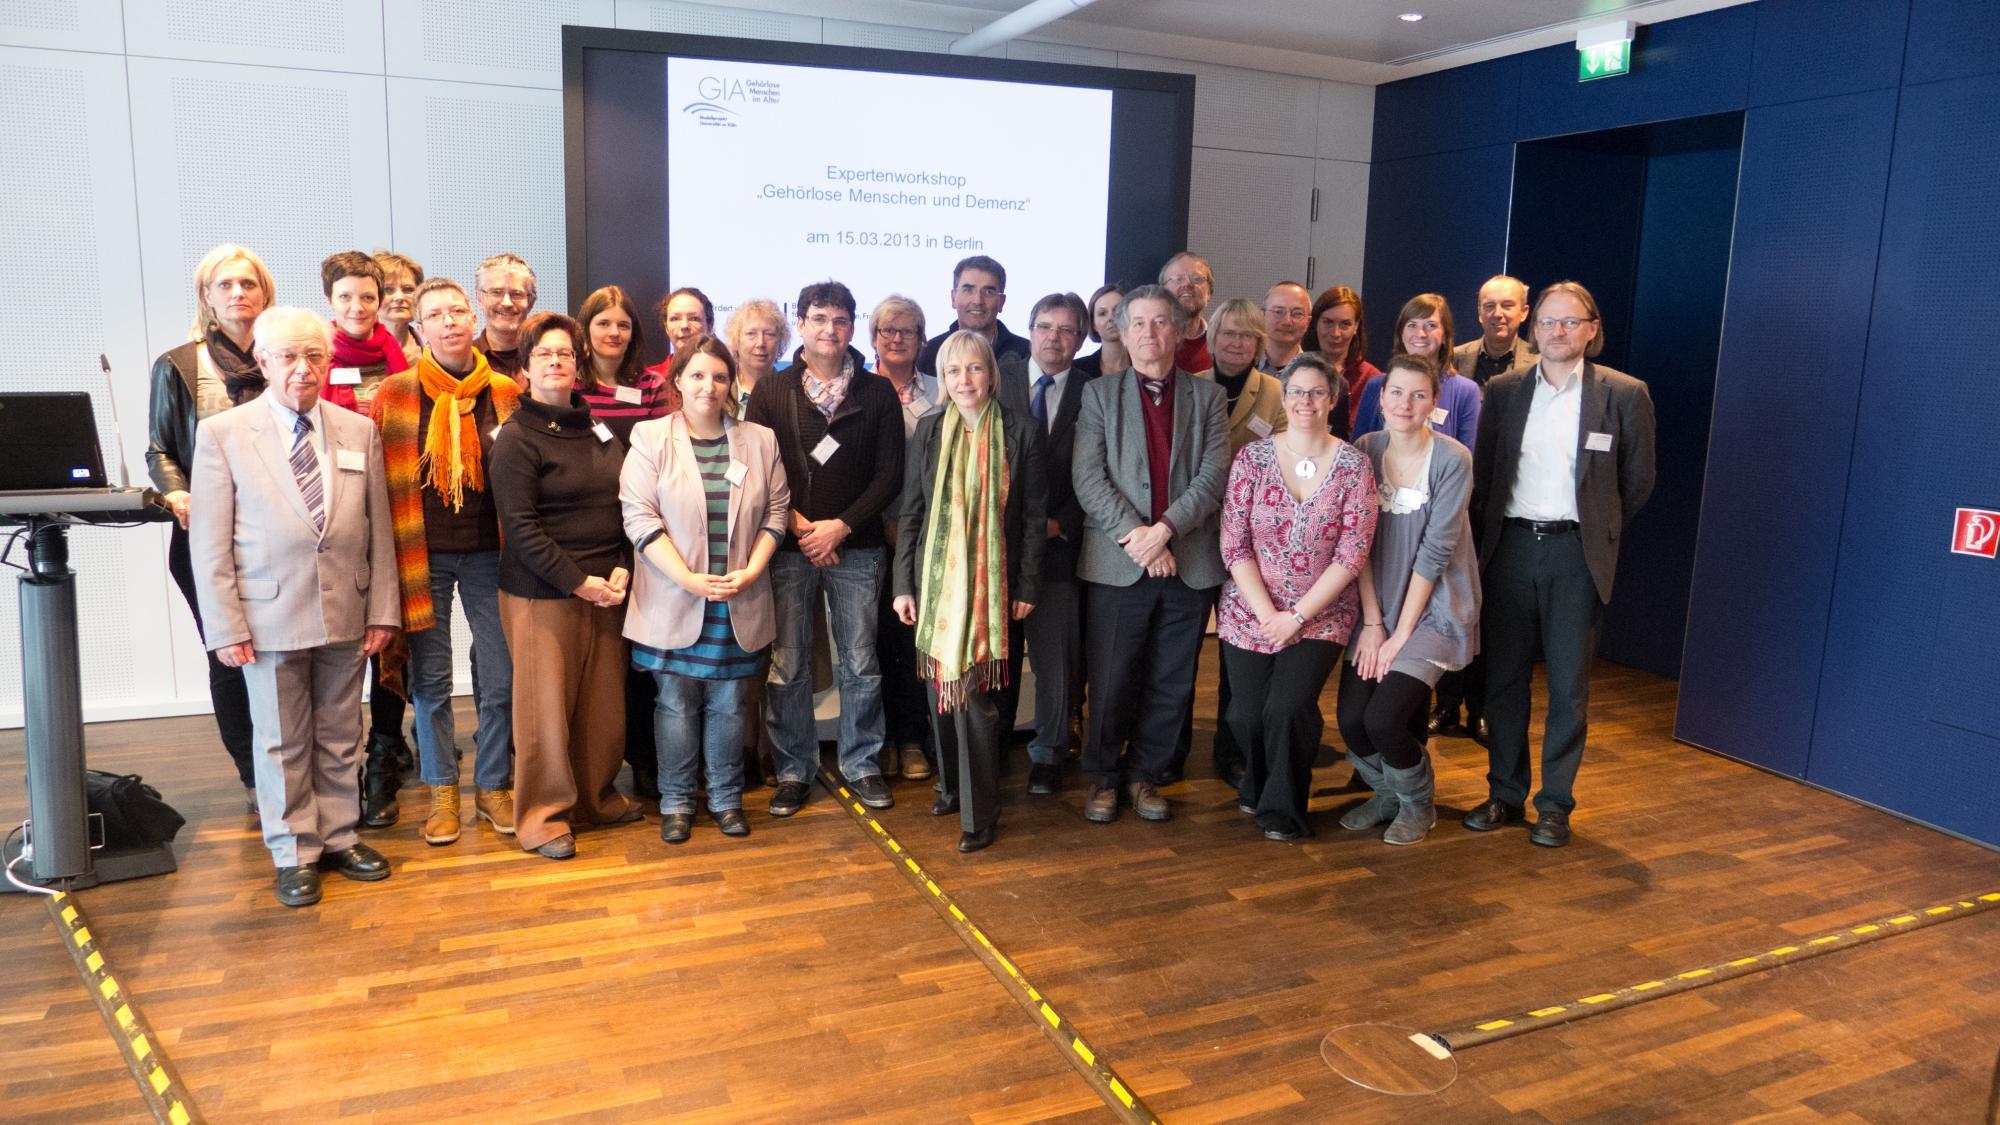 Gruppenbild der Teilnehmer